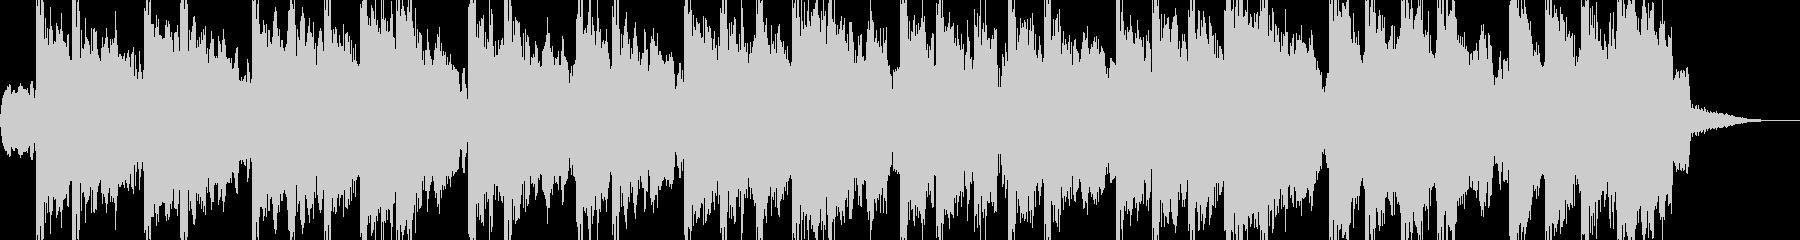 風変わりなメロディ、レトロなBGMの未再生の波形